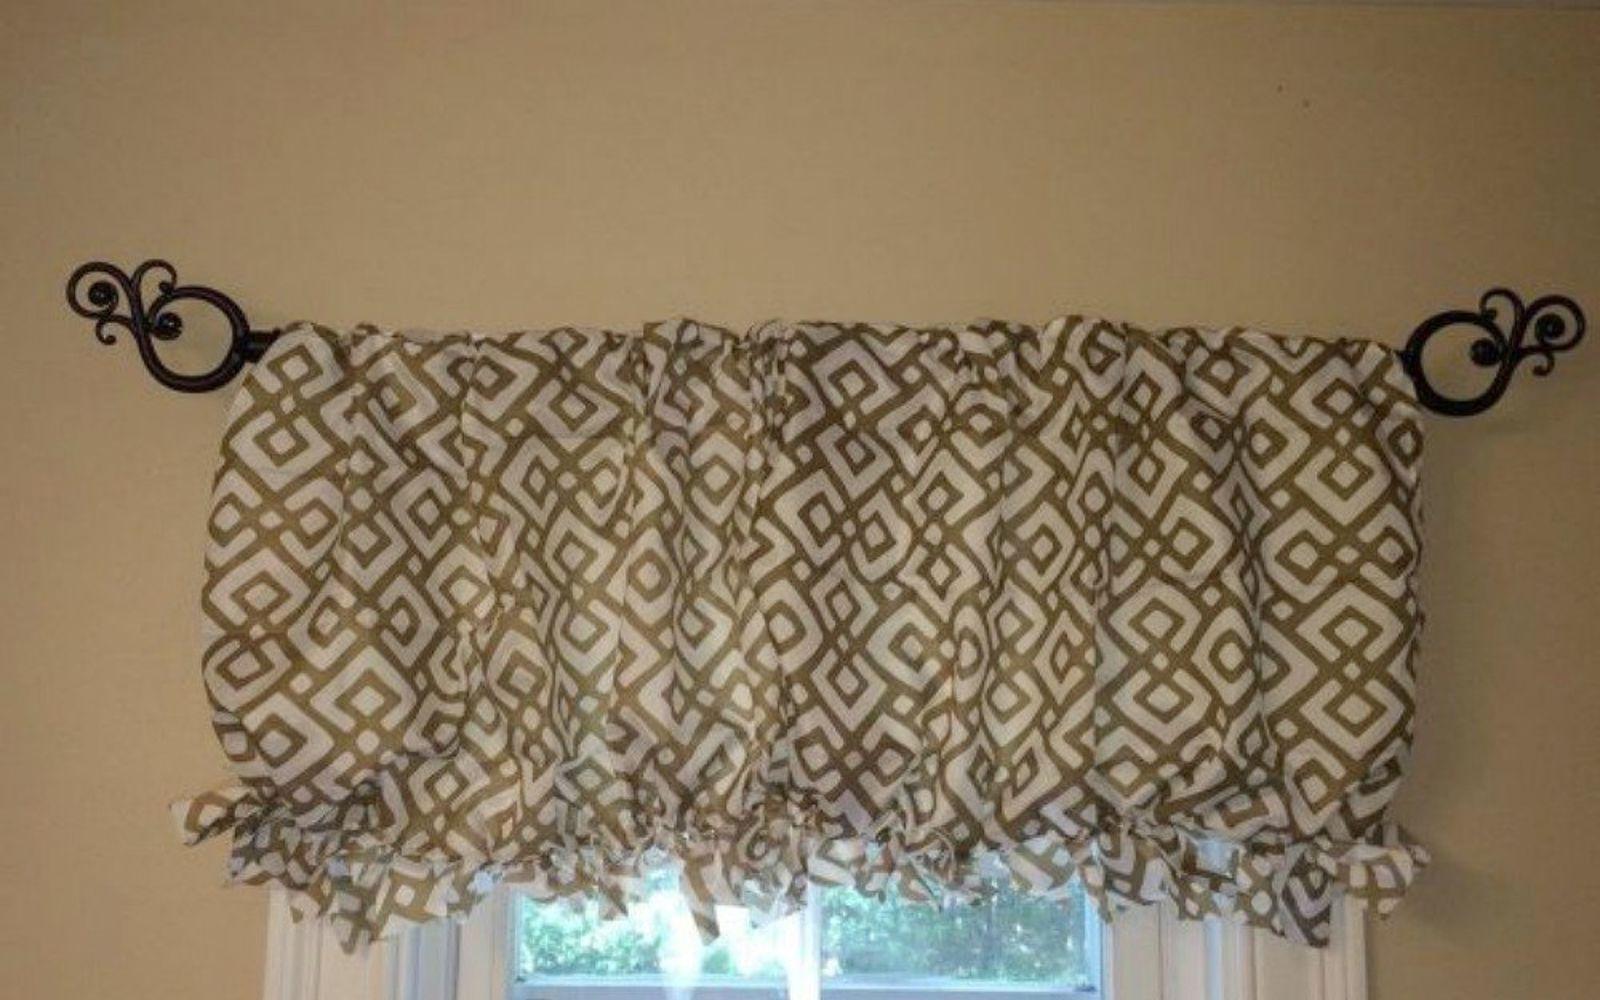 Home Decor Curtain Ideas: 15 Window Curtain Ideas For Under $15